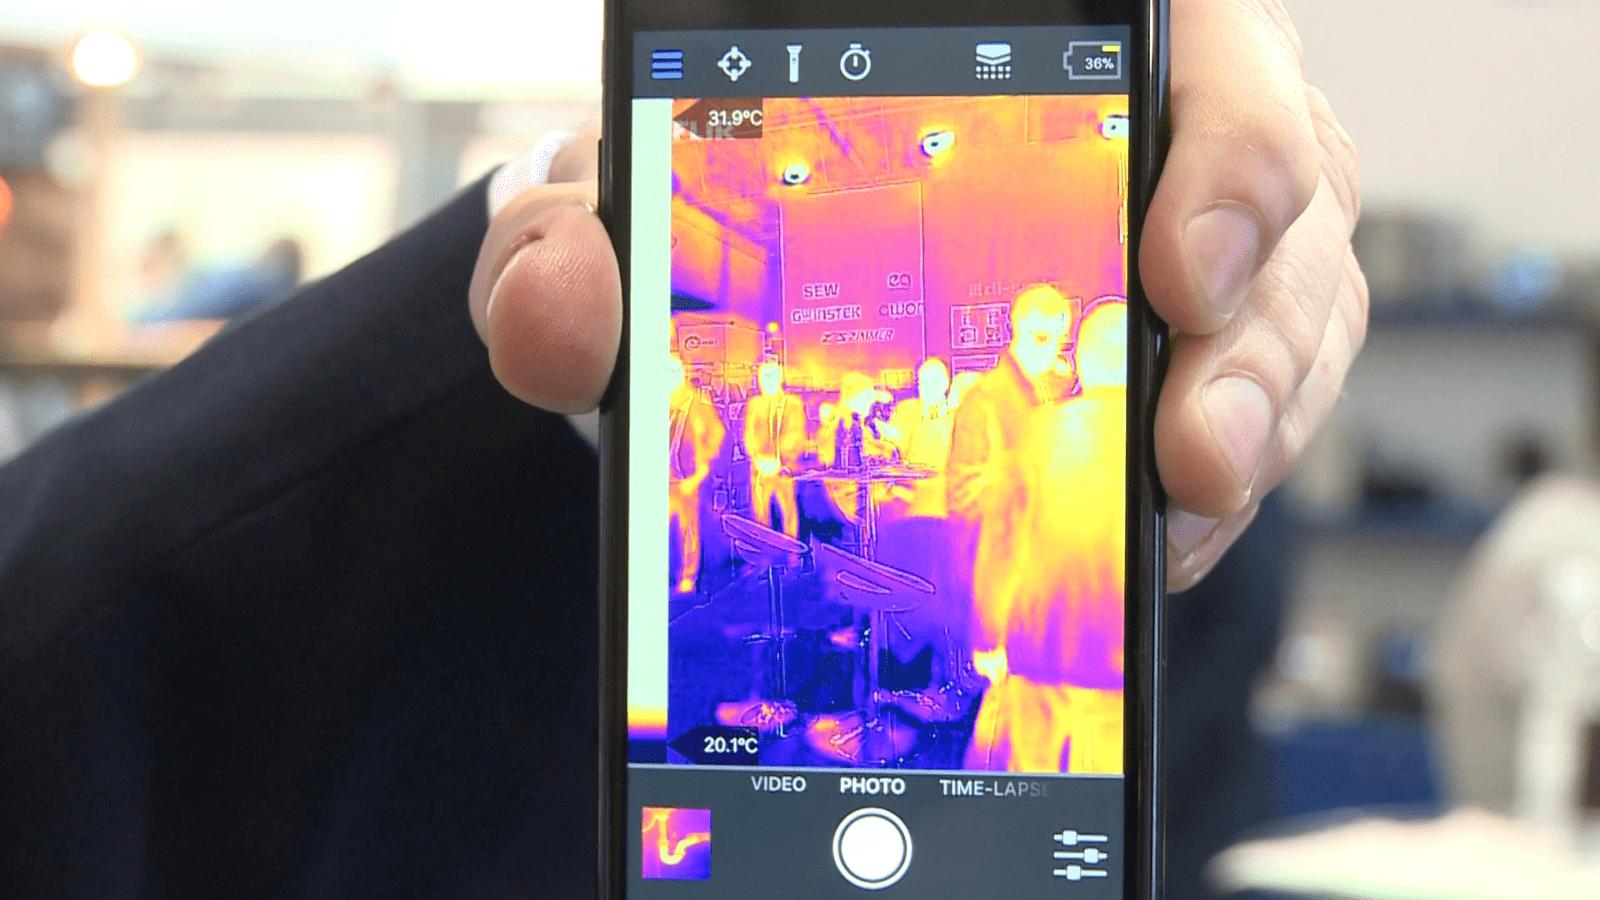 Kamery termowizyjne wspierane przez sztuczną inteligencję wykryją objawy koronawirusa. Dzięki nim testy mogą osiągnąć masową skalę